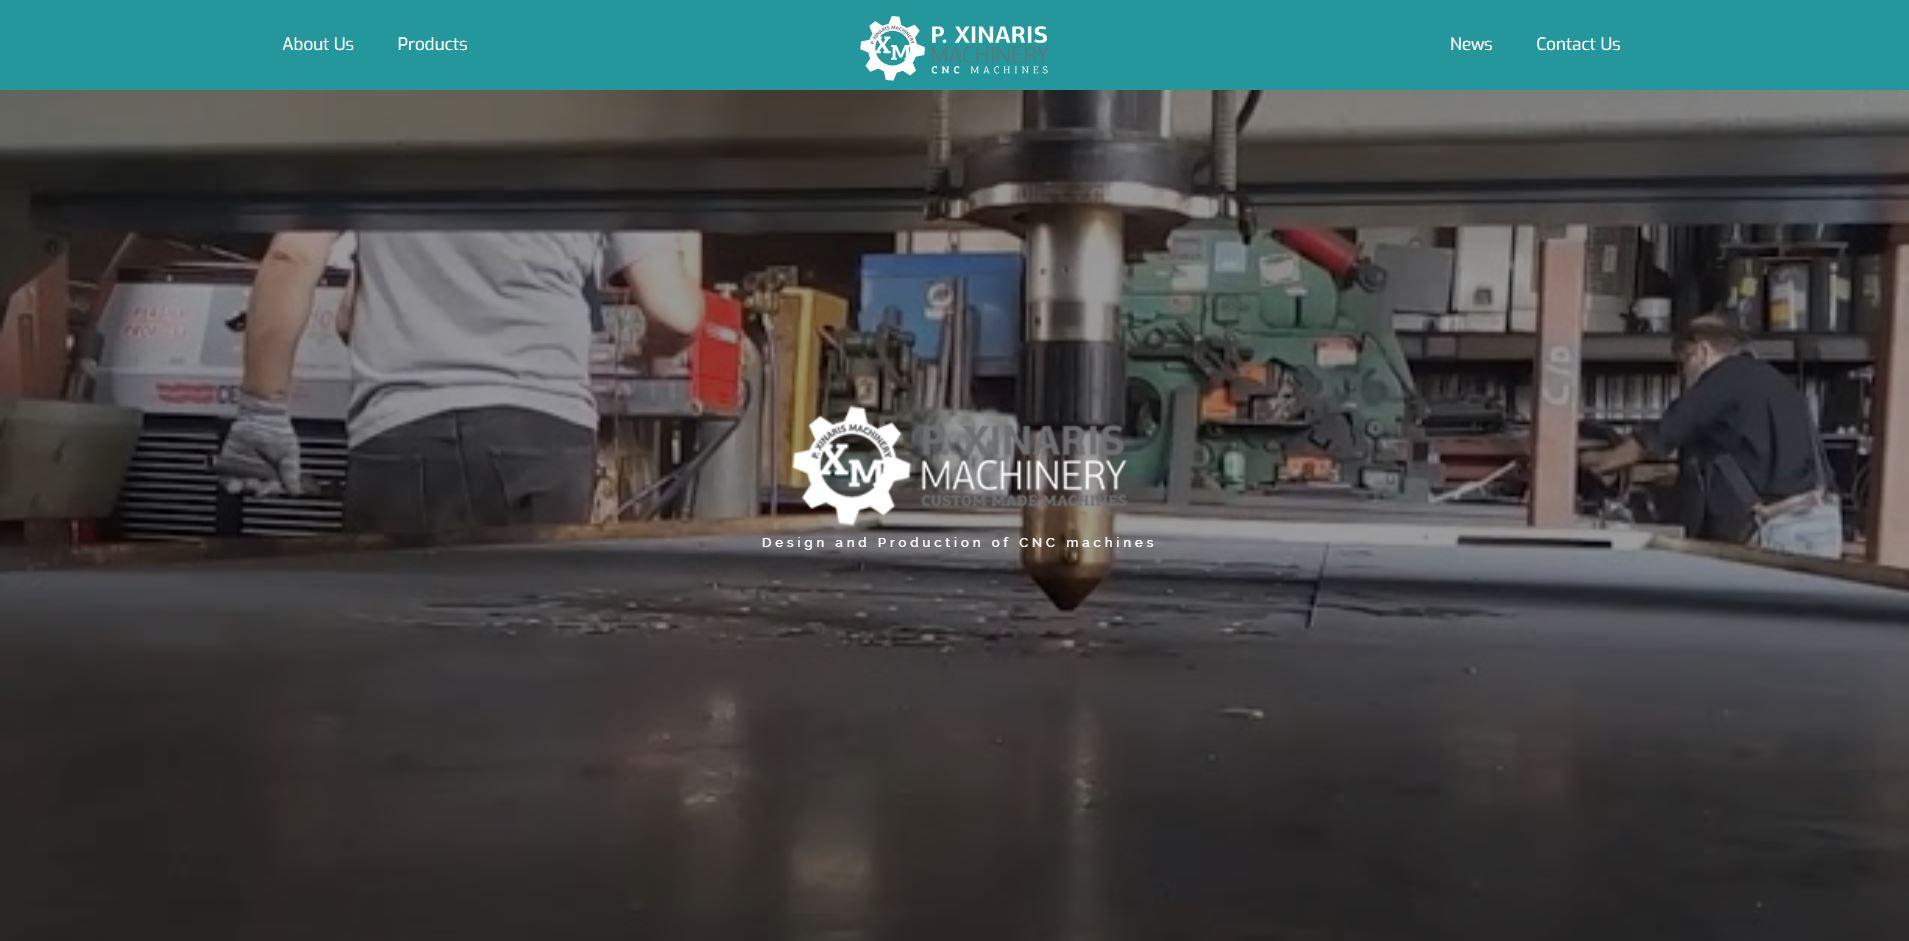 Panicos Xinaris Machinery - 1